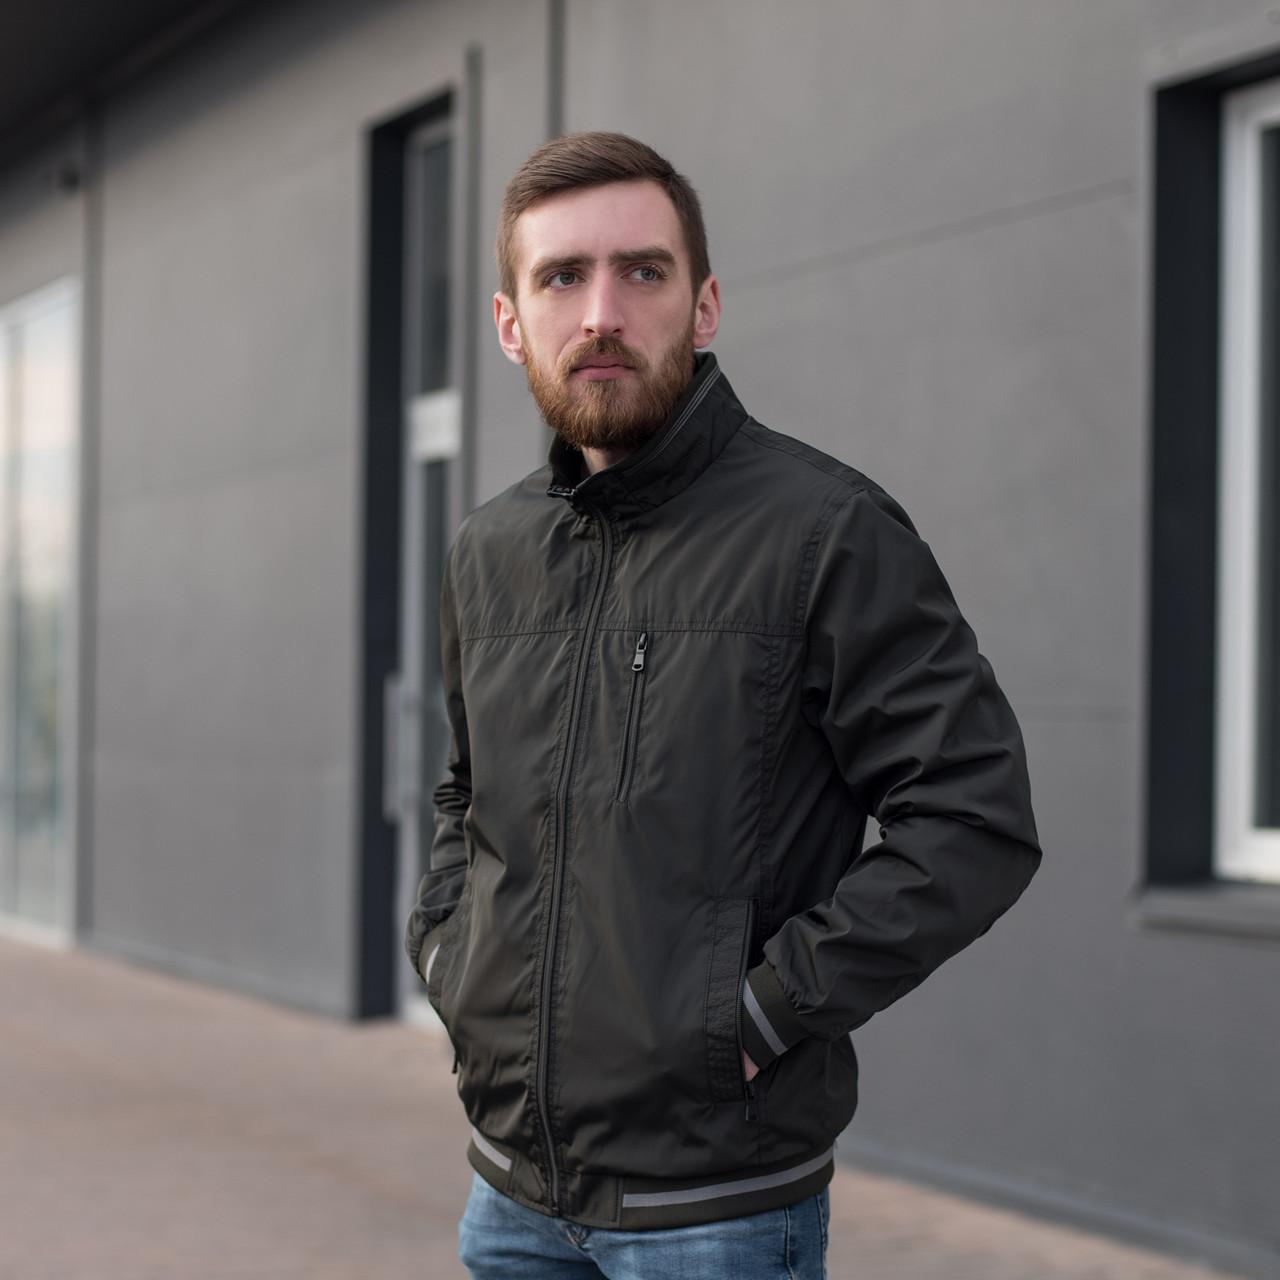 Чоловіча куртка (вітрівка) кольору хакі. Великого розміру